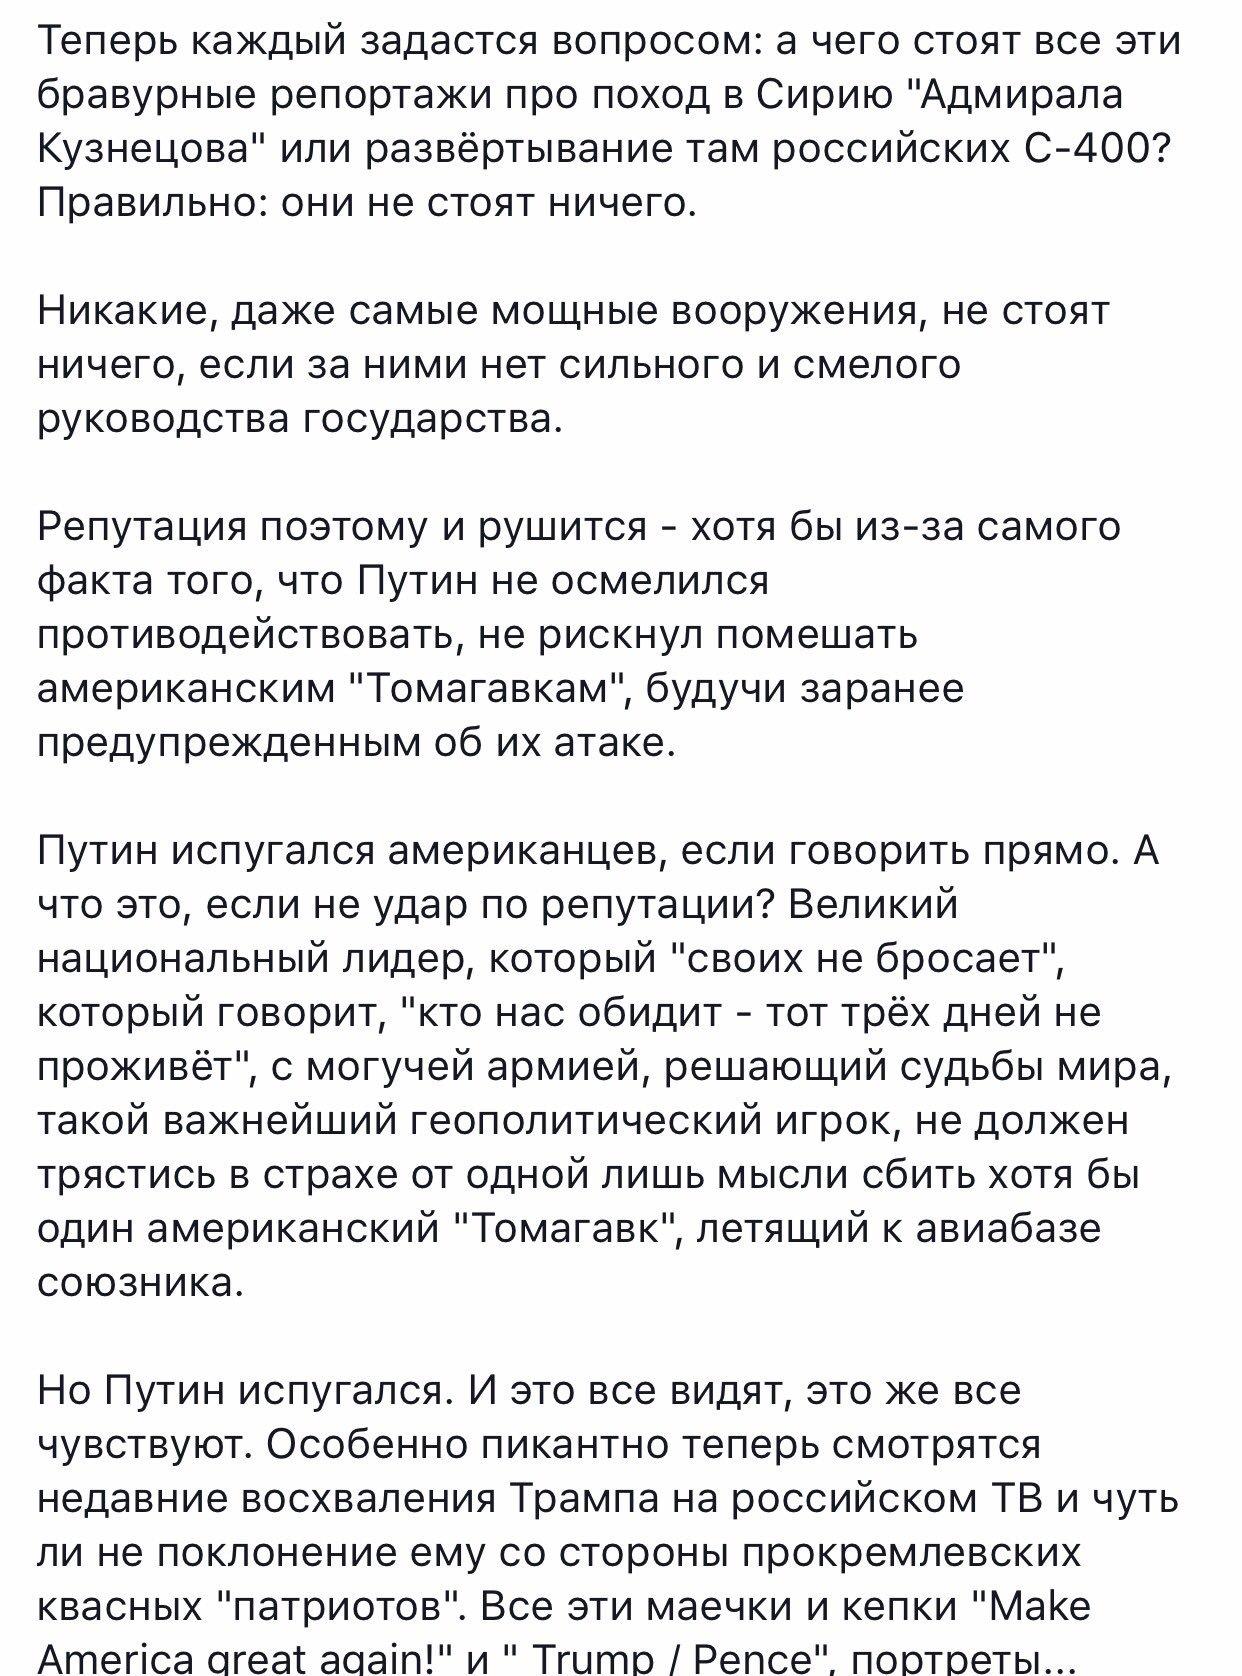 Украина просит страны-члены НАТО предоставить оборонное вооружение для защиты наших граждан, - Климпуш-Цинцадзе - Цензор.НЕТ 7760